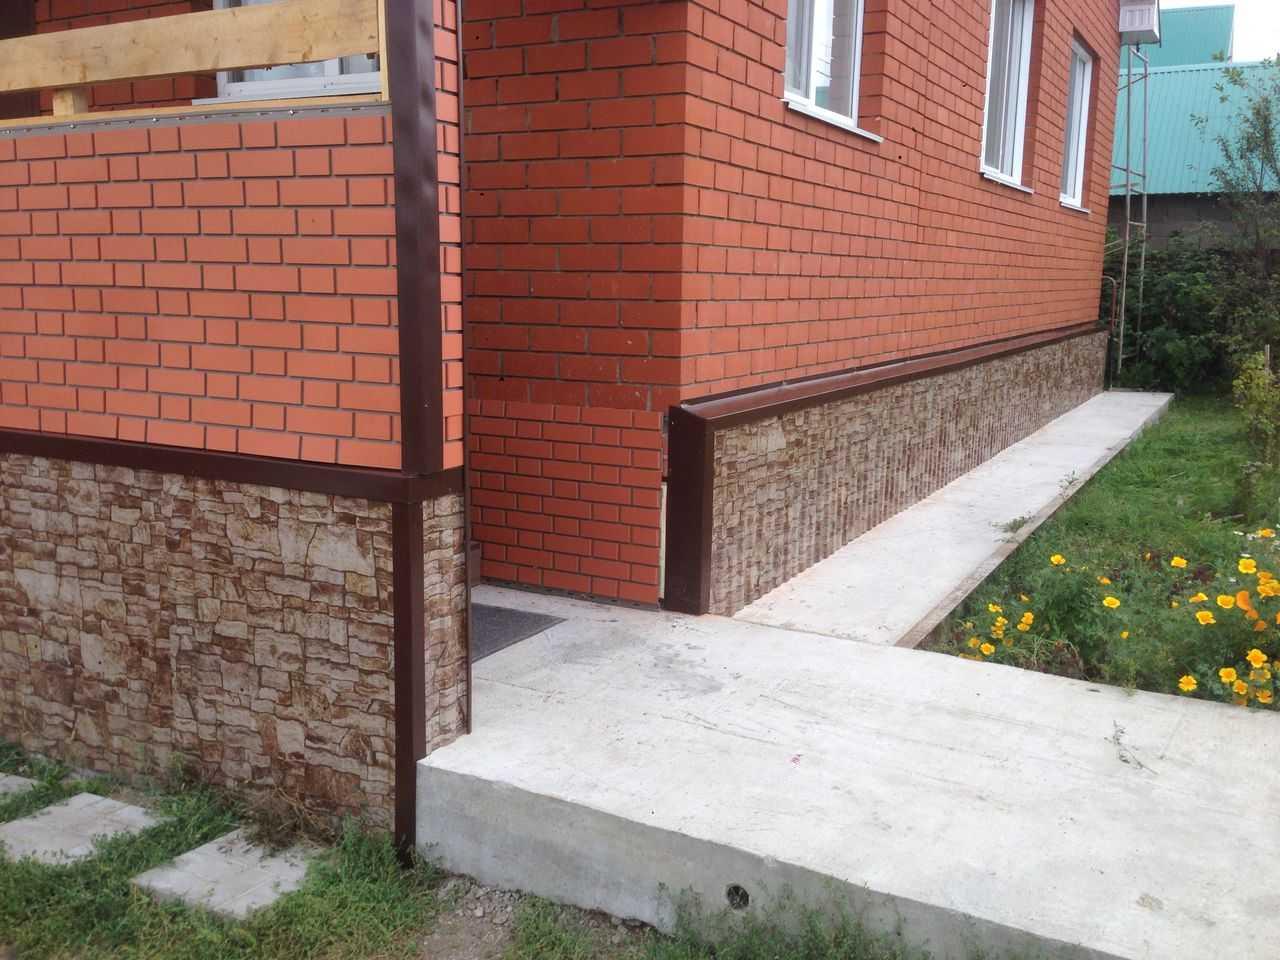 otdelka-tsokolya-doma-foto-video-materialy-otdelki-i-vidy-oblitsovki-tsokolya-102